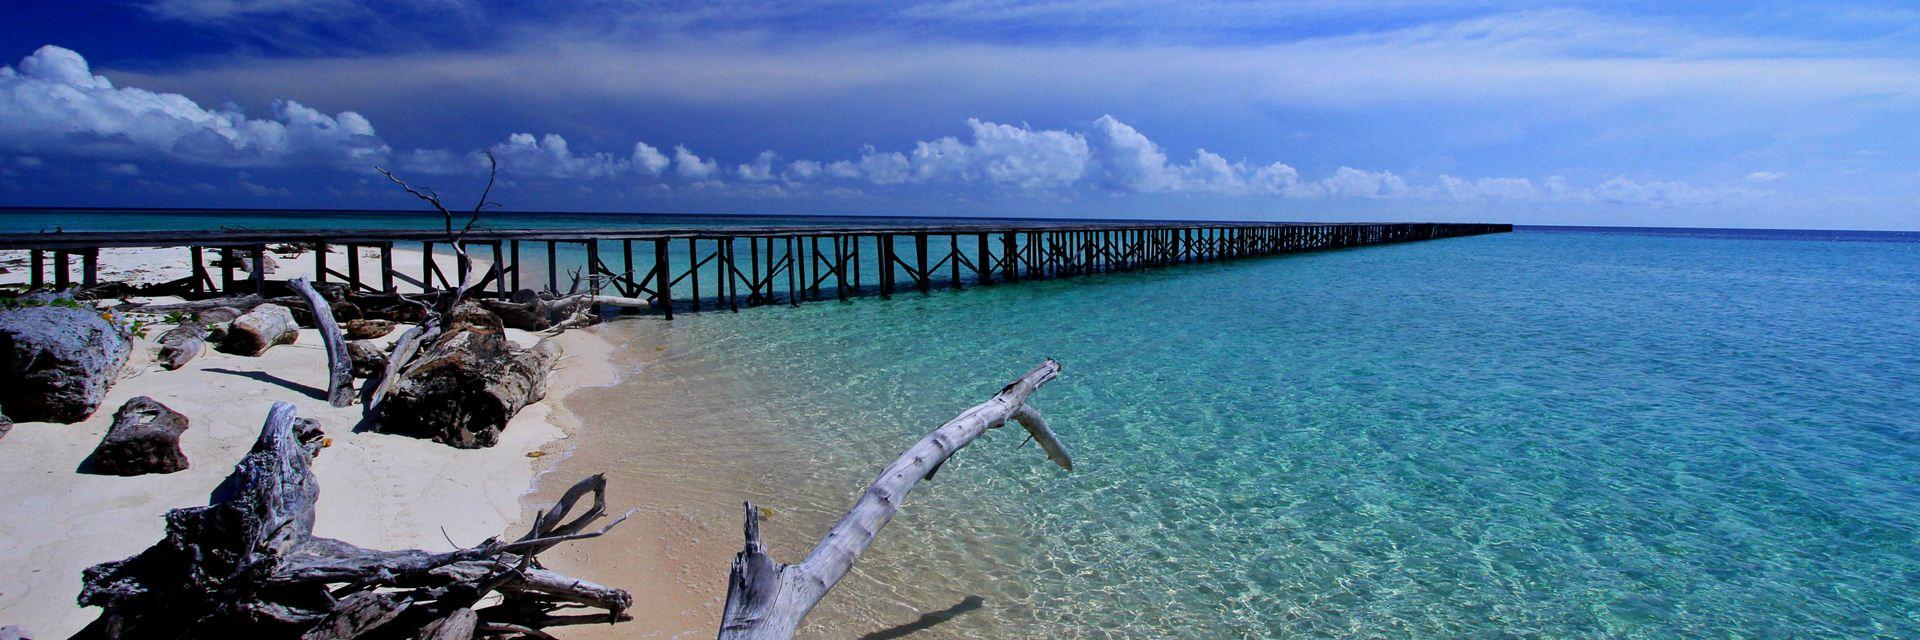 10 Kegiatan Seru yang Bisa Dolaners Lakukan Di Kepulauan Derawan 10 Kegiatan Seru yang Bisa Dolaners Lakukan Di Kepulauan Derawan - Dolan Dolen